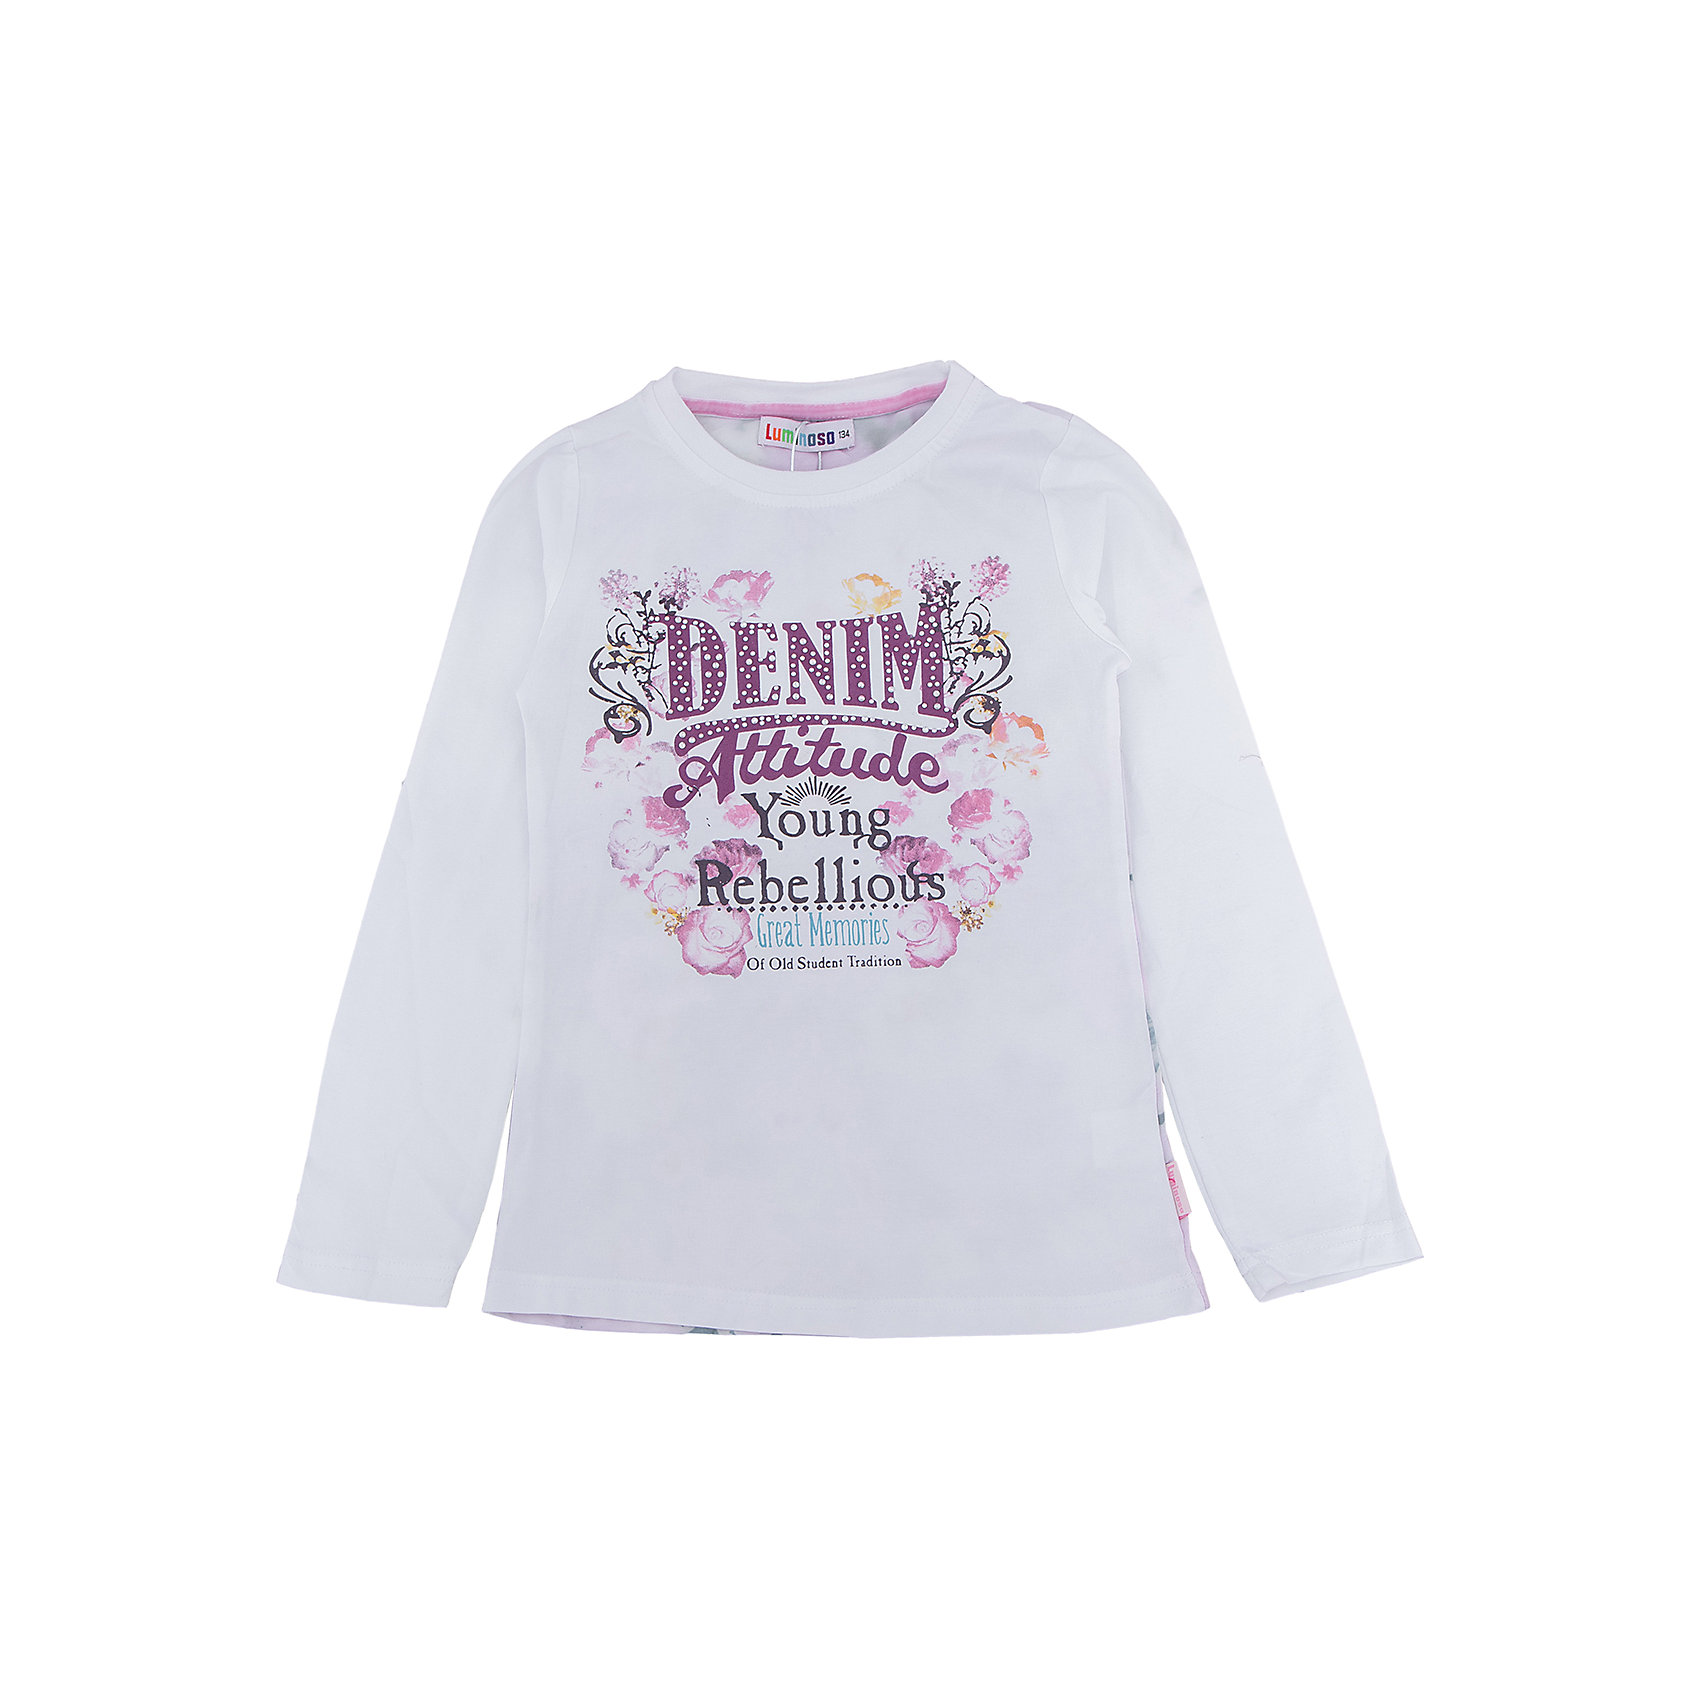 Футболка с длинным рукавом для девочки LuminosoФутболки с длинным рукавом<br>Характеристики товара:<br><br>- цвет: белый;<br>- материал: 95% хлопок, 5% эластан;<br>- декорирована принтом;<br>- длинный рукав;<br>- округлый горловой вырез.<br><br>Стильная одежда от бренда Luminoso (Люминосо), созданная при участии итальянских дизайнеров, учитывает потребности подростков и последние веяния моды. Она удобная и модная.<br>Эта футболка с длинным рукавом выглядит стильно и нарядно, но при этом подходит для ежедневного ношения. Он хорошо сидит на ребенке, обеспечивает комфорт и отлично сочетается с одежной разных стилей. Модель отличается высоким качеством материала и продуманным дизайном. Натуральный хлопок в составе изделия делает его дышащим, приятным на ощупь и гипоаллергеным.<br><br>Футболку с длинным рукавом для девочки от бренда Luminoso (Люминосо) можно купить в нашем интернет-магазине.<br><br>Ширина мм: 230<br>Глубина мм: 40<br>Высота мм: 220<br>Вес г: 250<br>Цвет: белый<br>Возраст от месяцев: 156<br>Возраст до месяцев: 168<br>Пол: Женский<br>Возраст: Детский<br>Размер: 146,152,158,164,134,140<br>SKU: 4929612